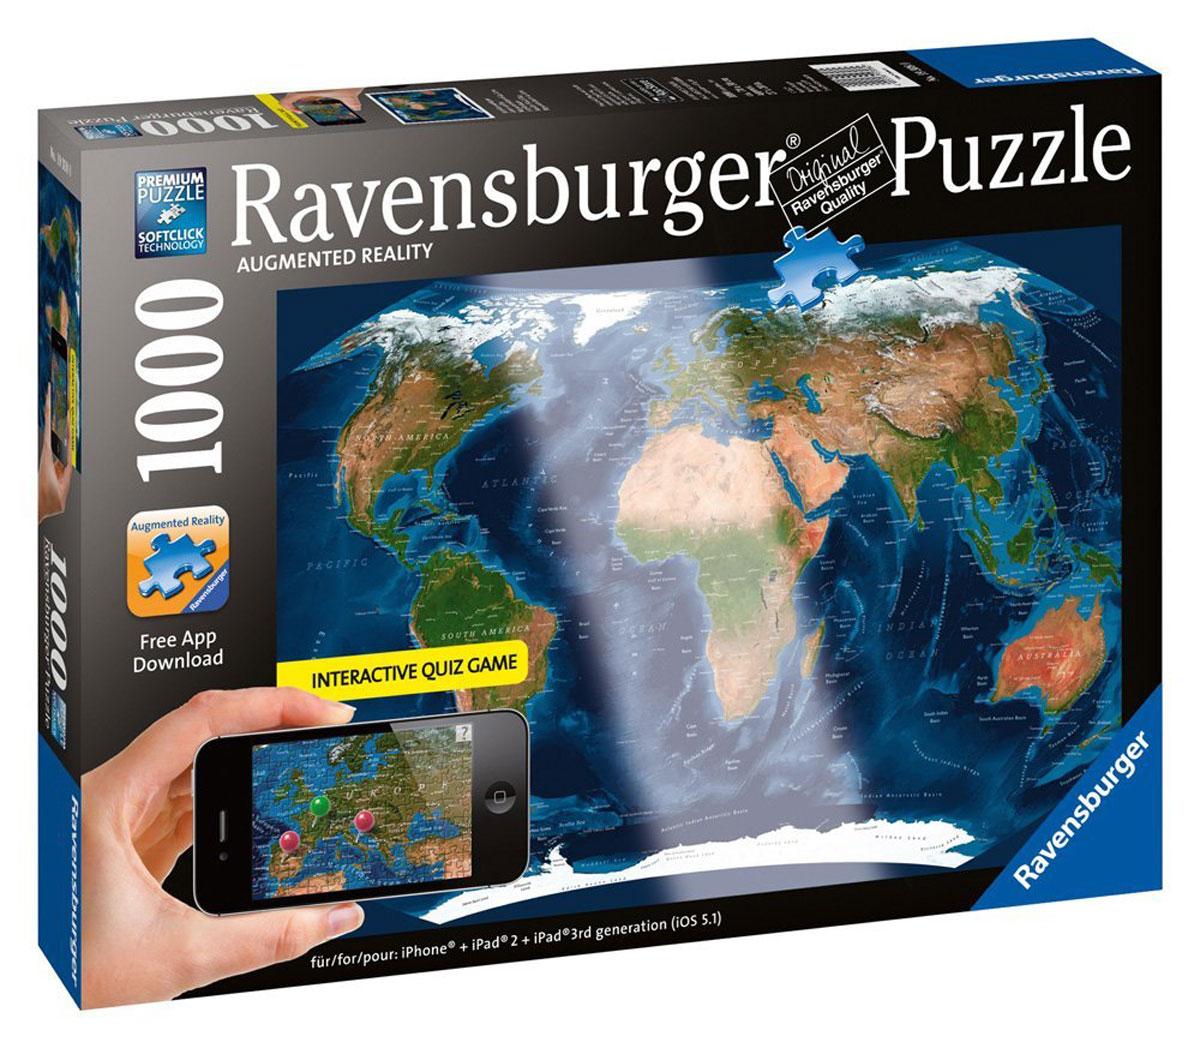 Ravensburger Пазл Планета Земля, с видео-анимацией, 1000 шт19308Пазлы с видеоэффектом - это инновационные пазлы от Ravensburger с видео-анимацией и звуковыми эффектами! Благодаря новейшей AR-технологии собранная картинка оживает! Для этого нужно загрузить на iPhone или iPad бесплатное приложение App AR Puzzle и навести камеру гаджета на картинку. На данном пазле вы увидите интерактивную карту Земли. Такой паззл будет прекрасным подарком ребенку, увлеченному инновационными идеями и разработками. Размер картинки: 70х50 см.